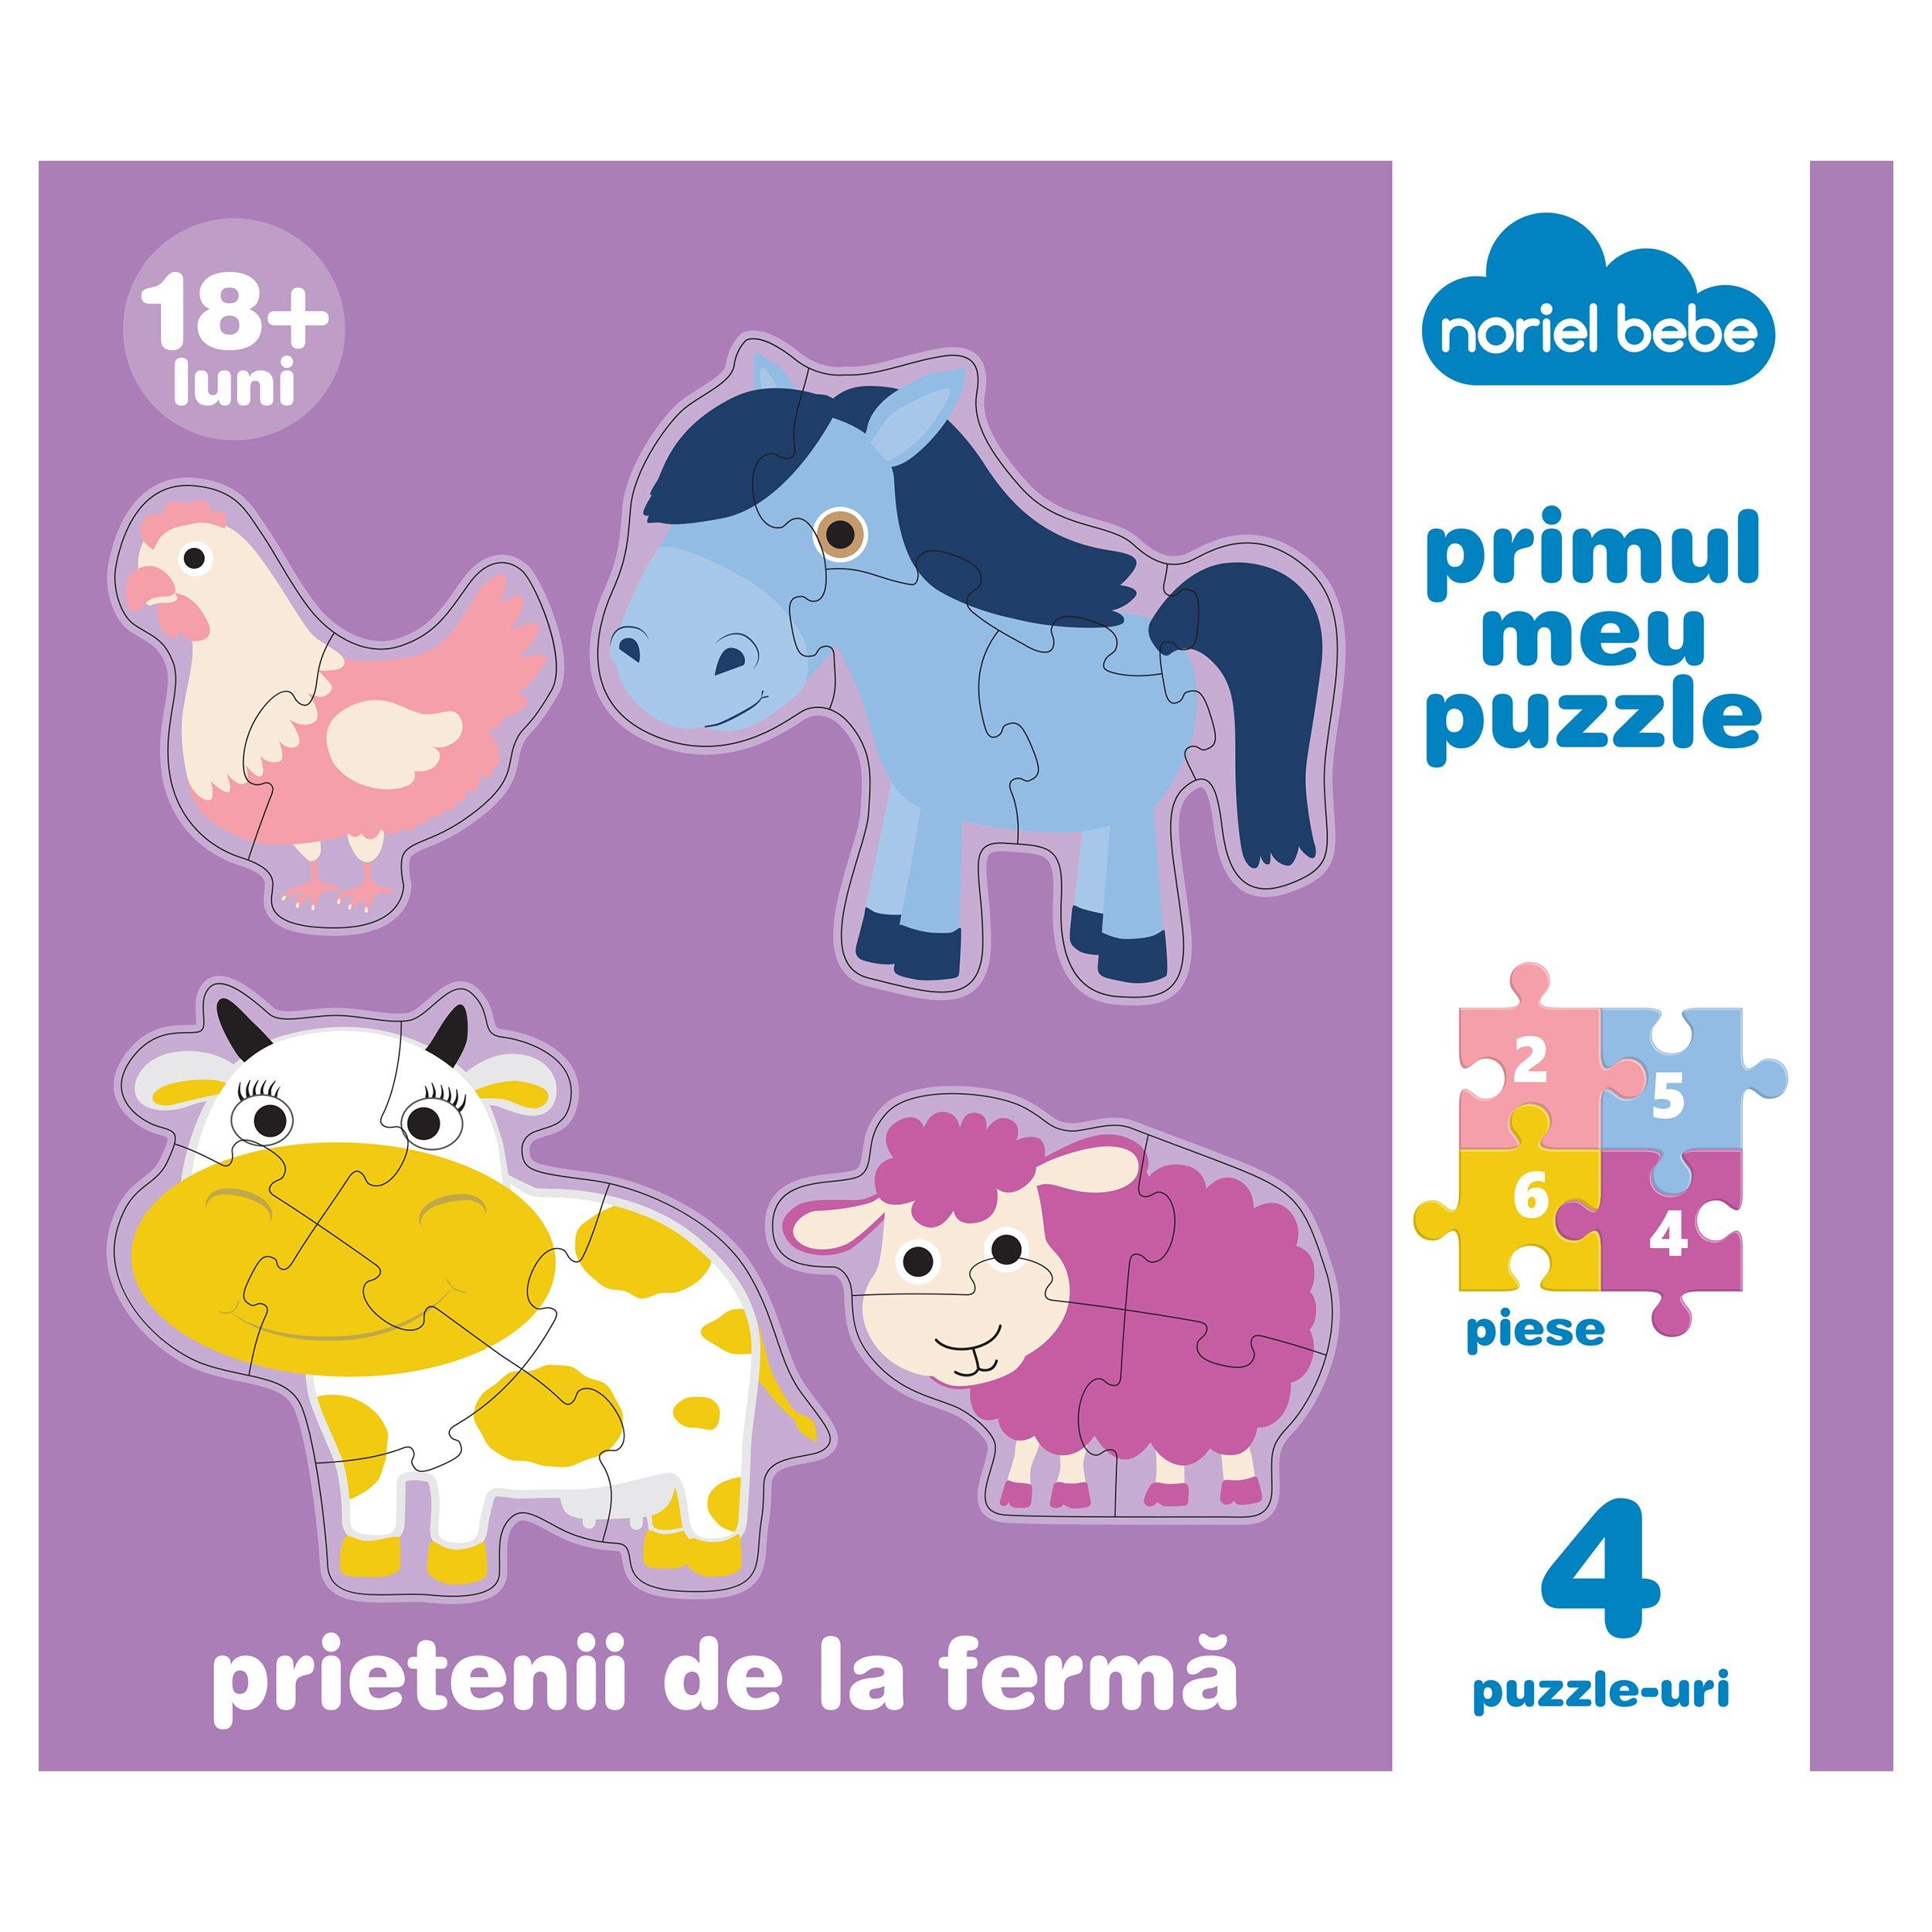 puzzle premium noriel bebe - prietenii mei de la ferma